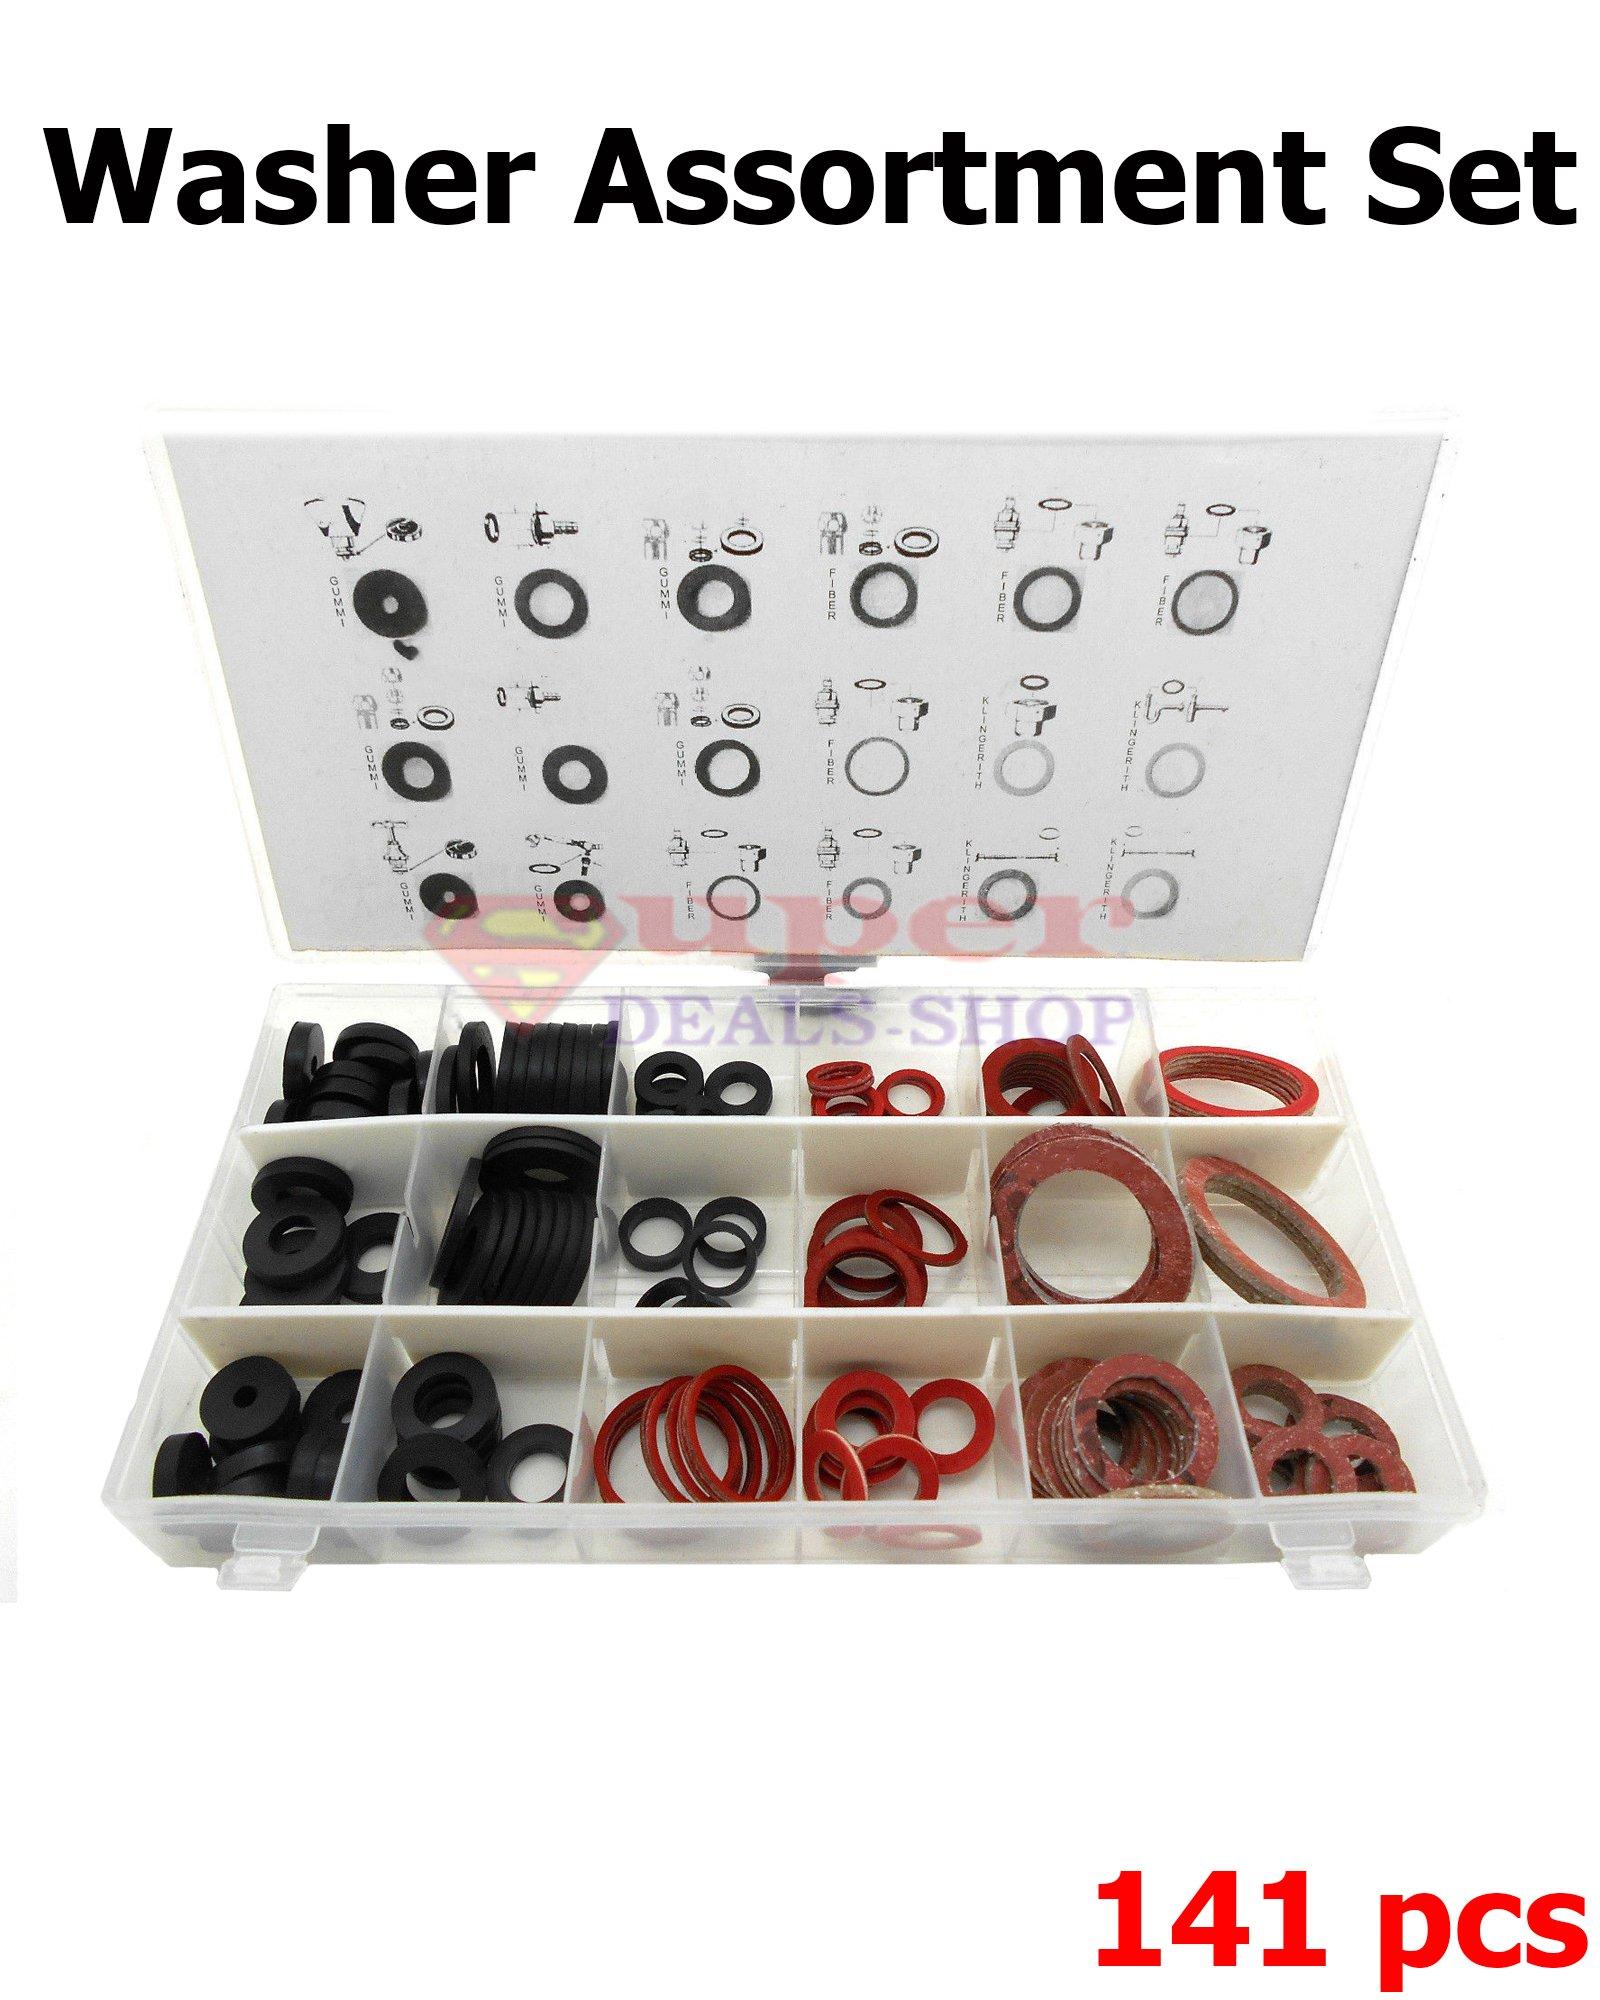 141 Pieces Faucet Washer Assortment Set Fiber Washer Set Rubber Washer Set Klingerite Washer Set O-Rings Super-Deals-Shop